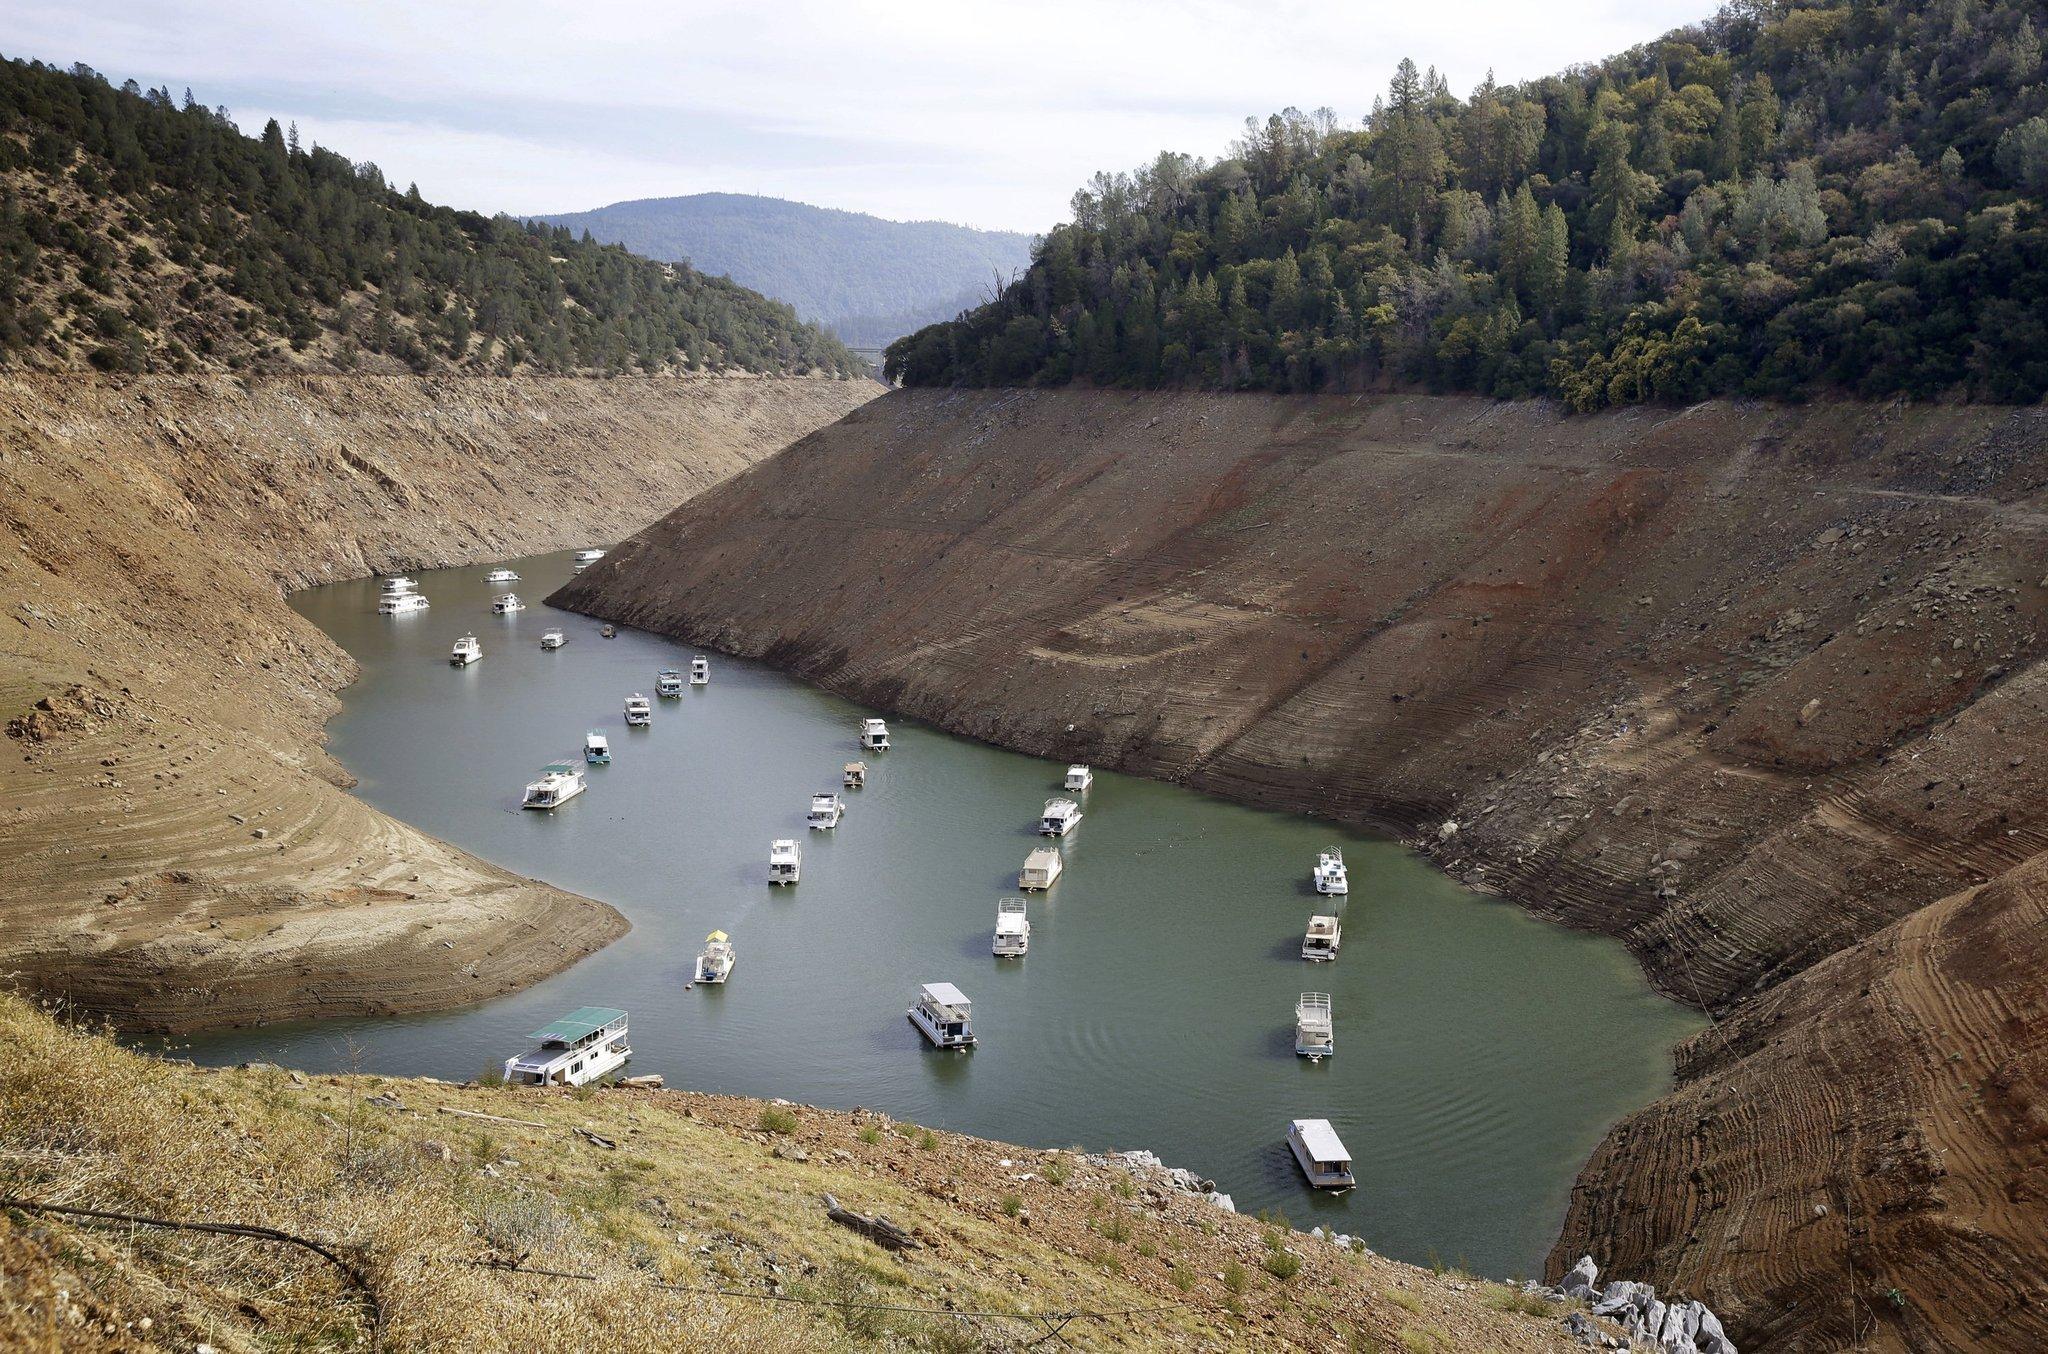 la-oe-famiglietti-drought-california-20150313